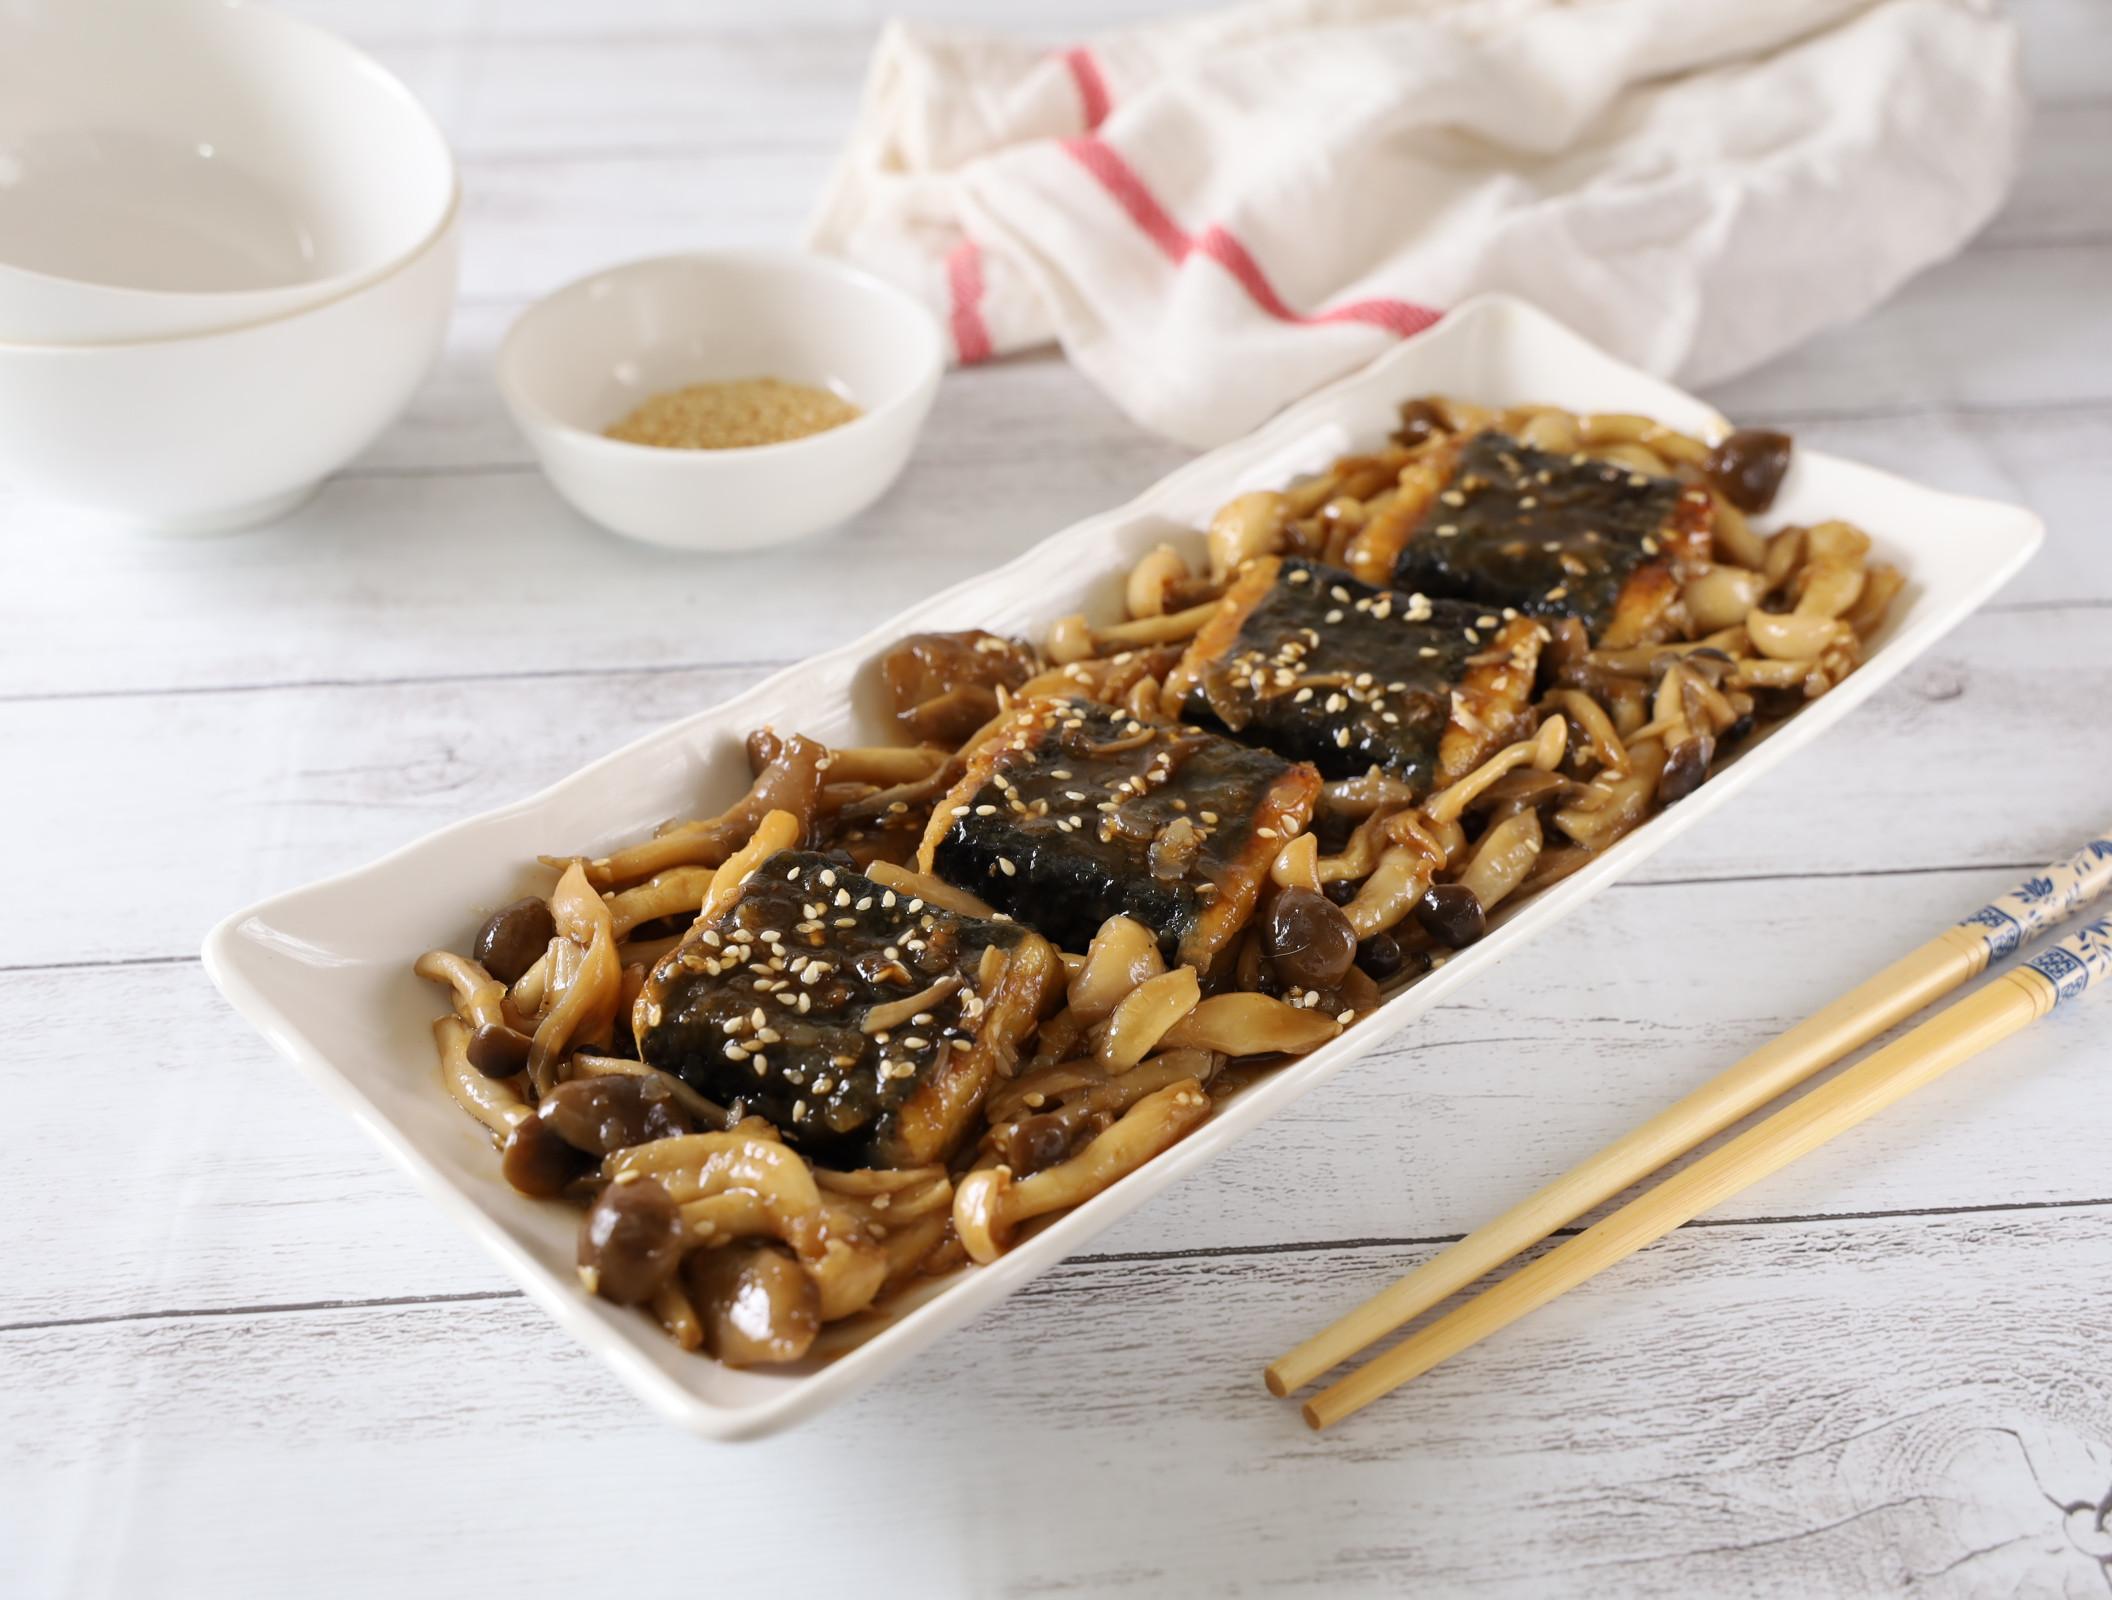 菇菇海苔豆腐燒(素食)